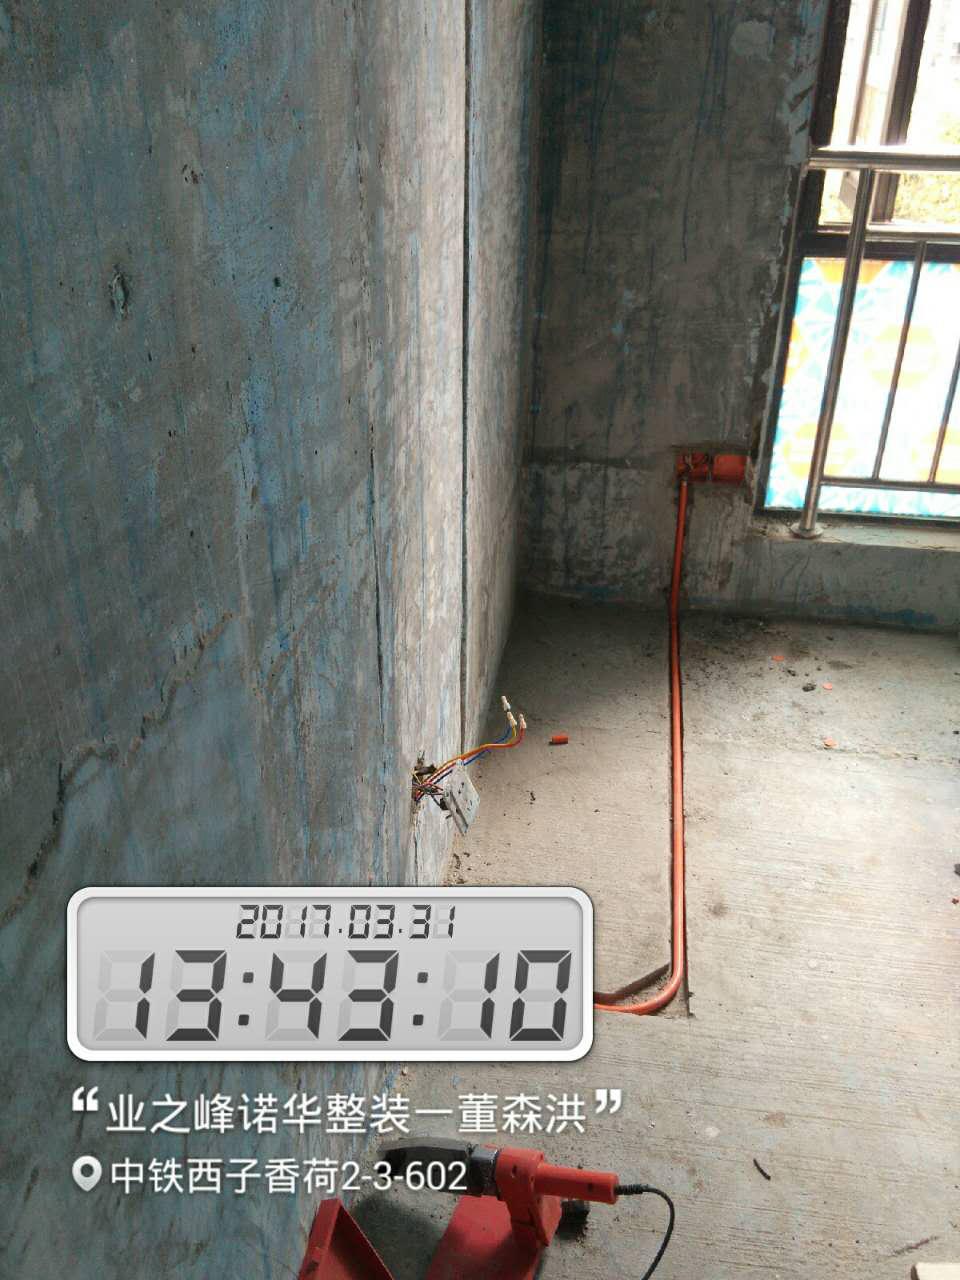 装修时不铲墙皮,再怎么装修也无用----成都业之峰诺华